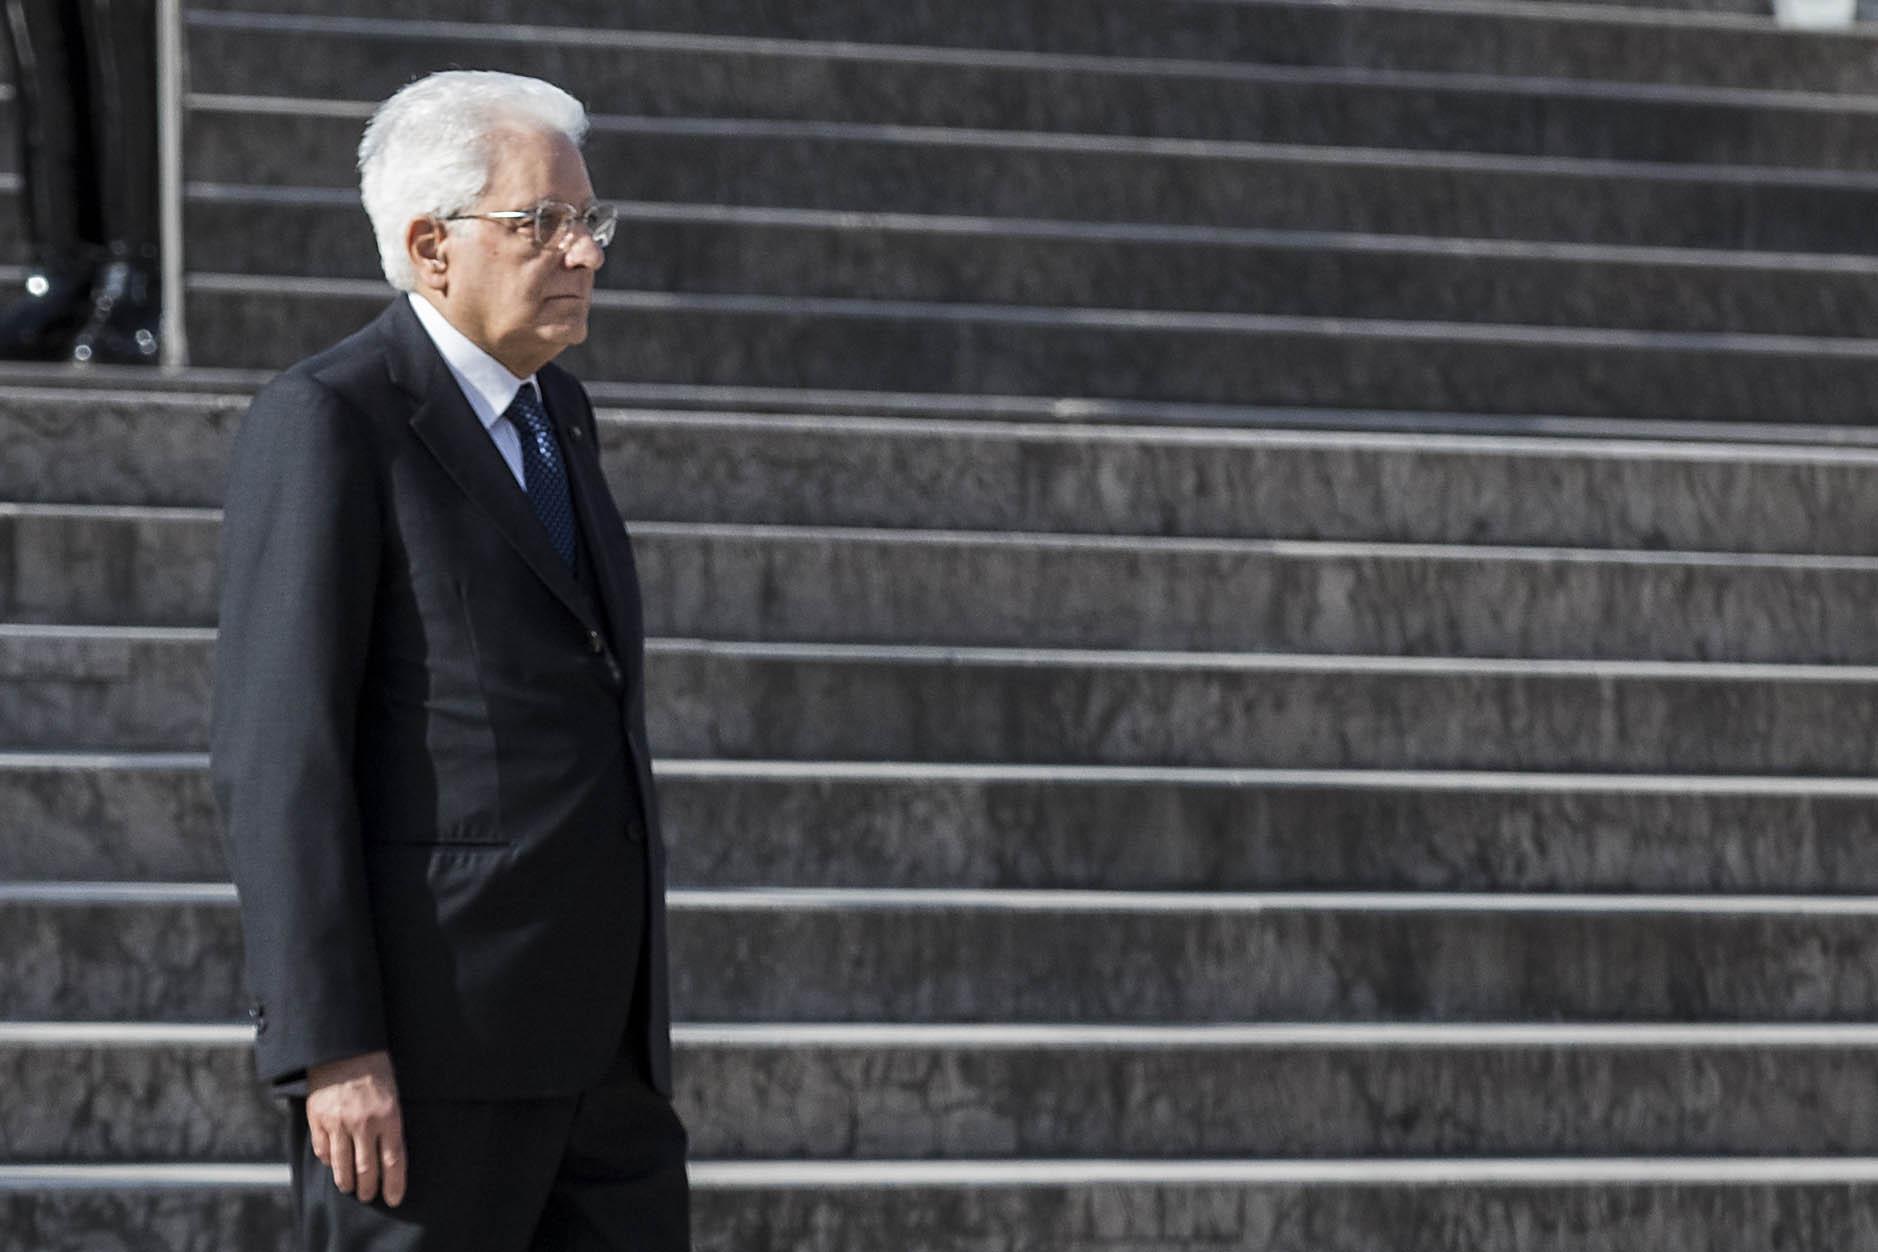 Offese al presidente Mattarella sui social, avviate indagini in tutta Italia